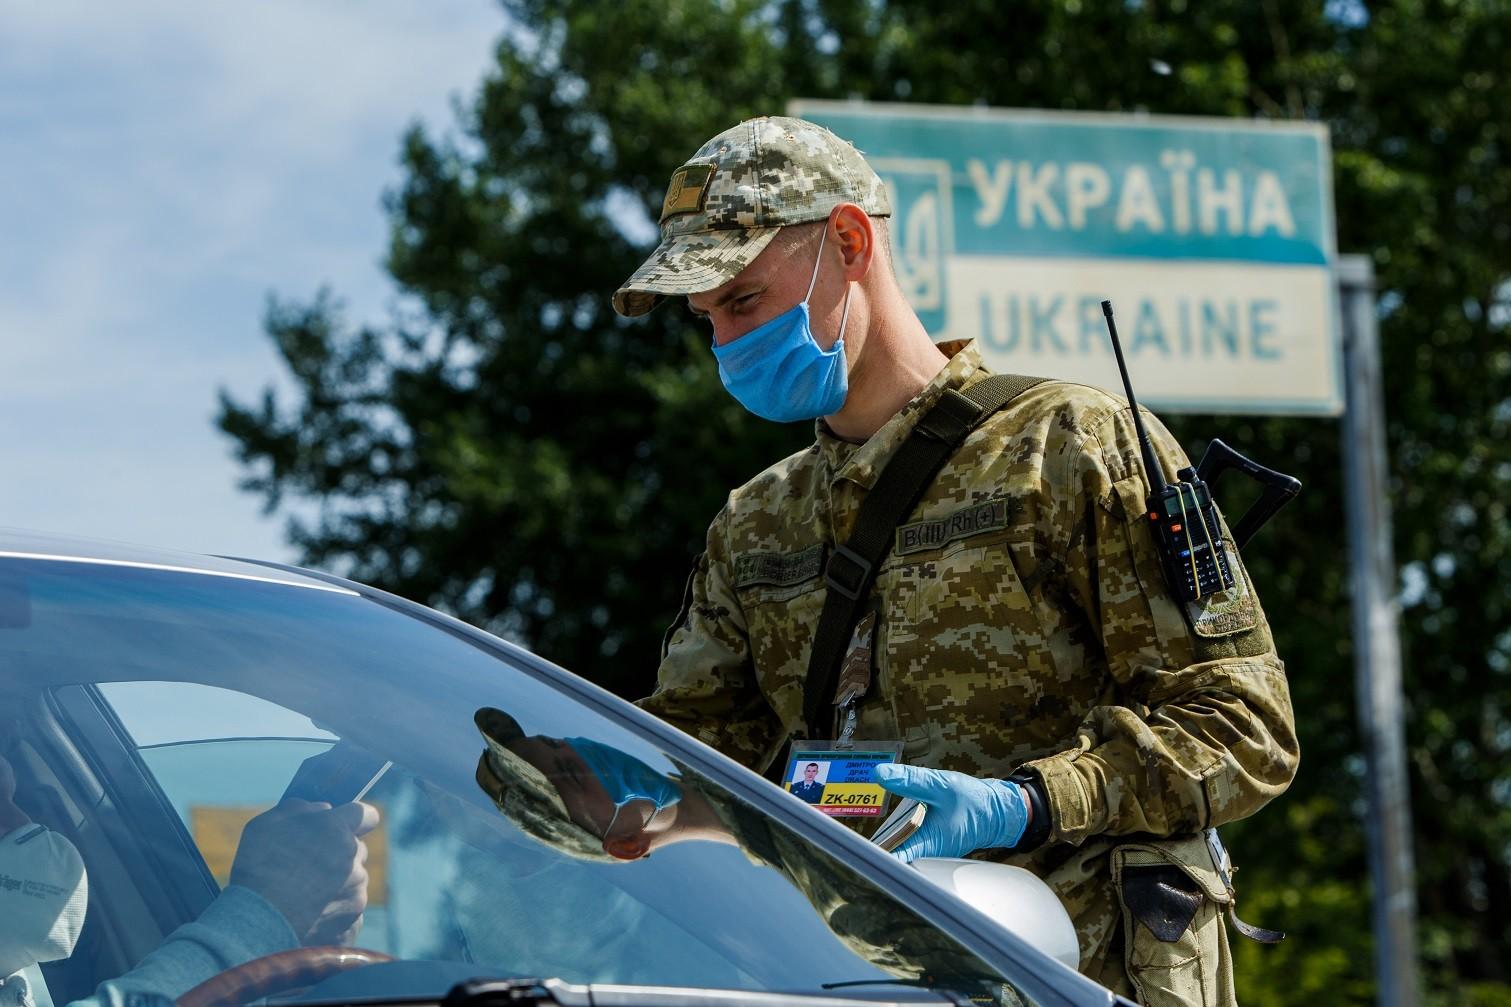 Україна змінила правила в'їзду на свою територію | Український Простір Прикарпаття